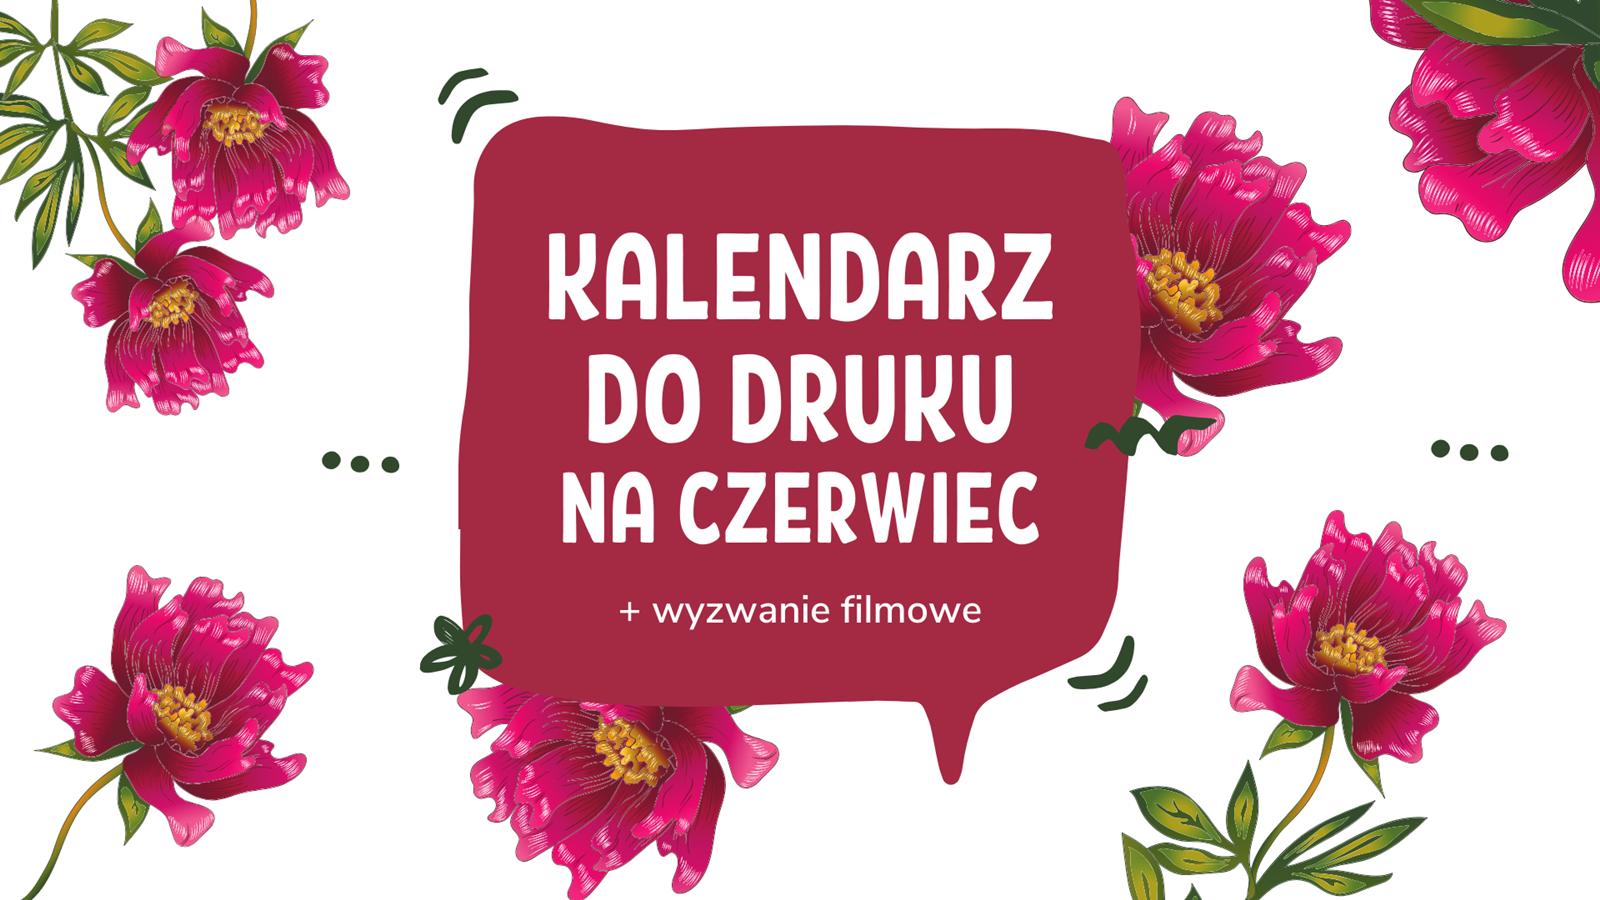 kalendarz do druku kwiaty ładny dziewczęcy różowy na czerwiec 2020 kalendarz do wydrukowania samemu